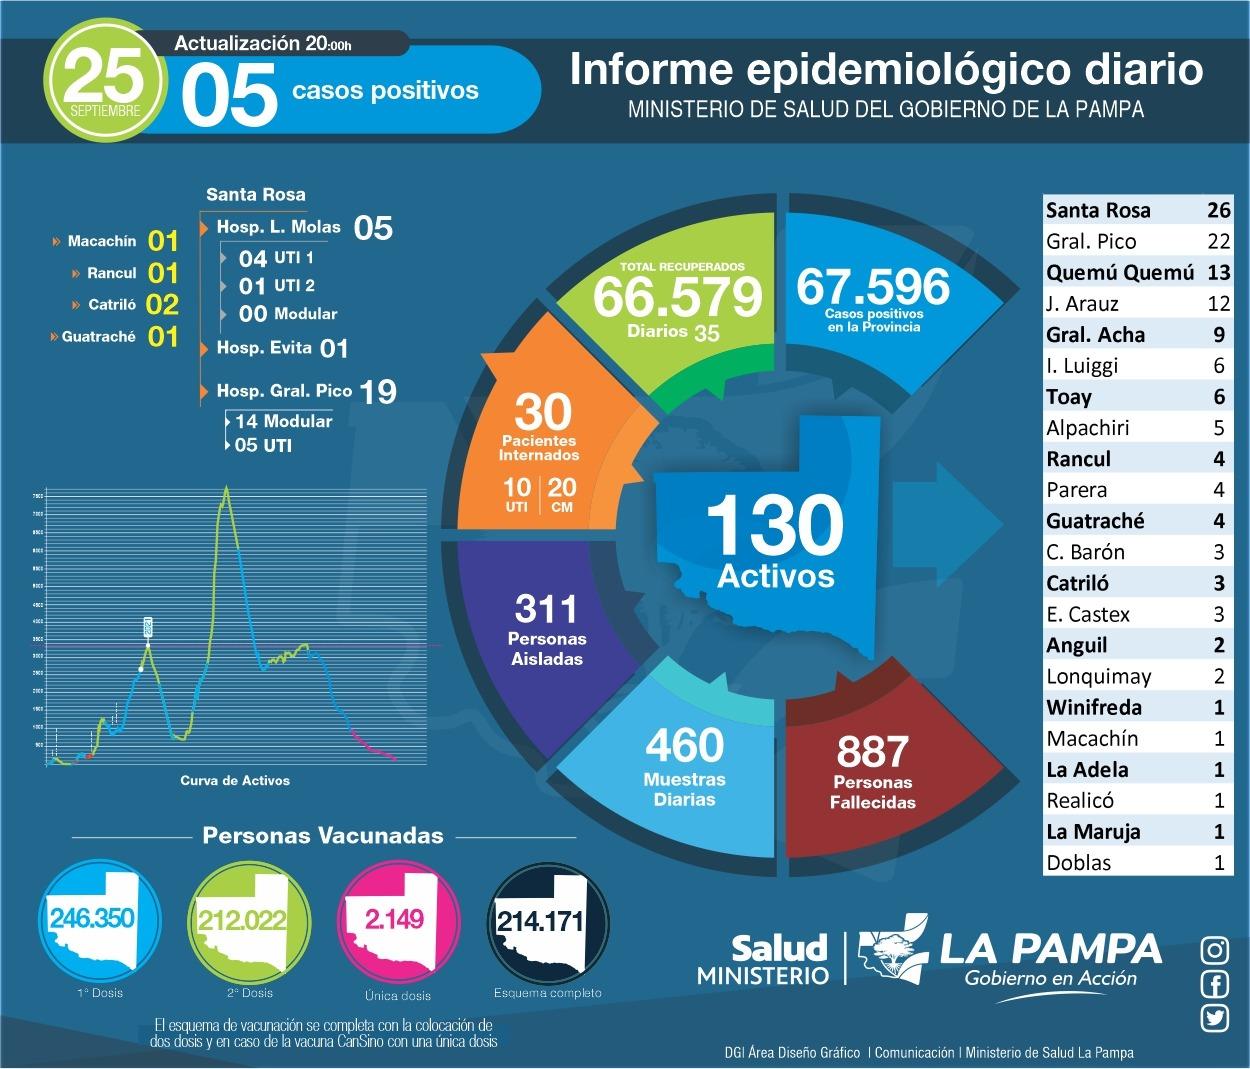 COVID-19: hoy se analizaron 460 muestras y 5 dieron positivo en La Pampa